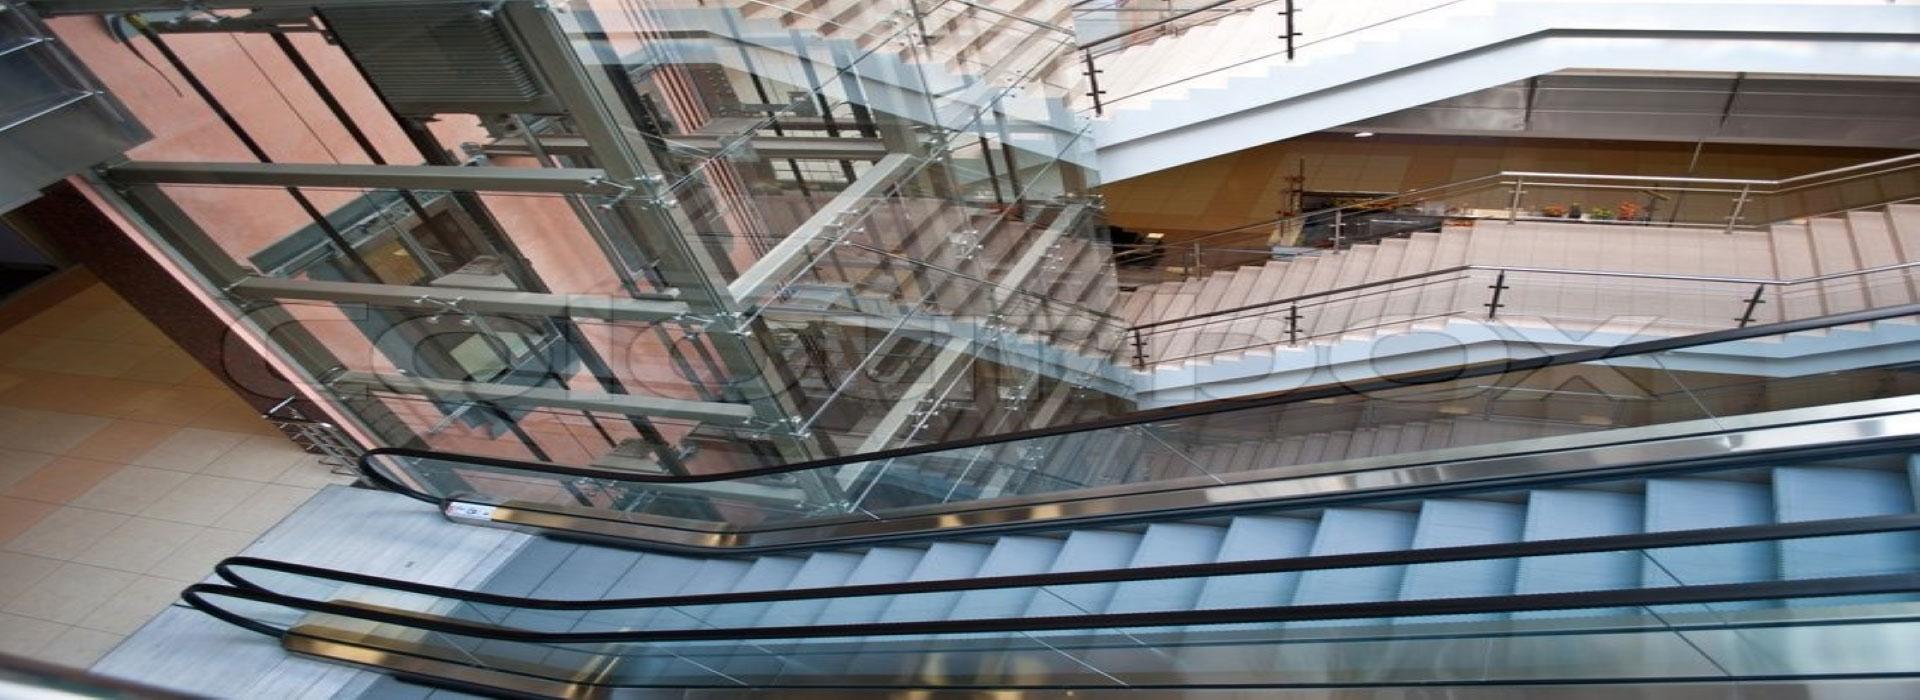 پله برقی_escalator